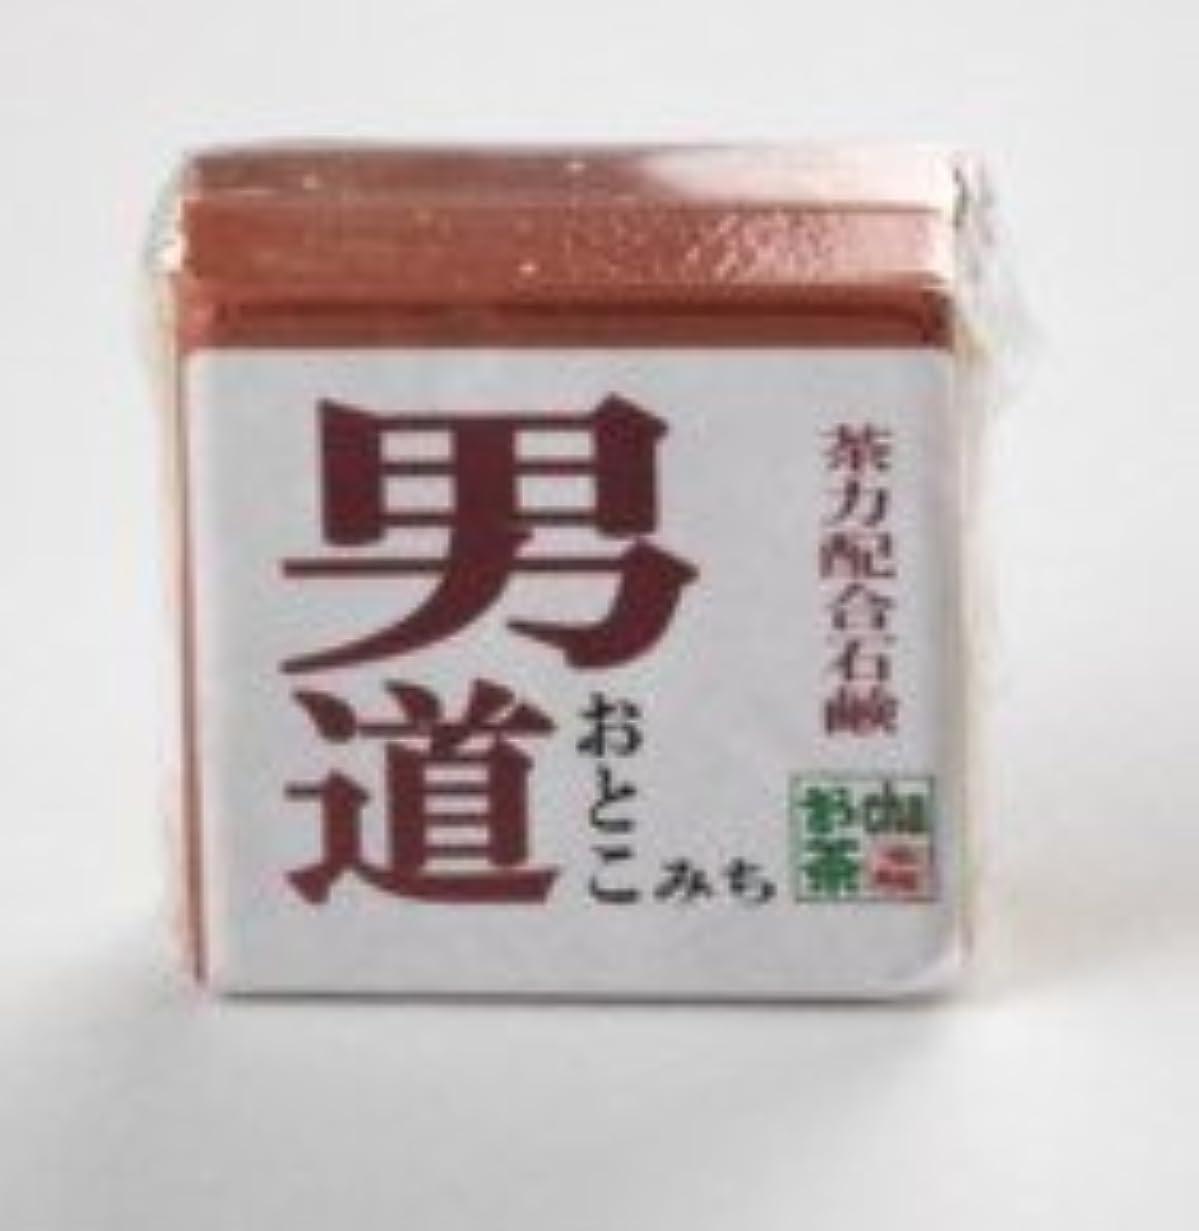 傑作感嘆静脈男性用無添加石鹸 『 男 道 』(おとこみち) 115g固形タイプ 抗菌力99.9%の日本初の無添加石鹸